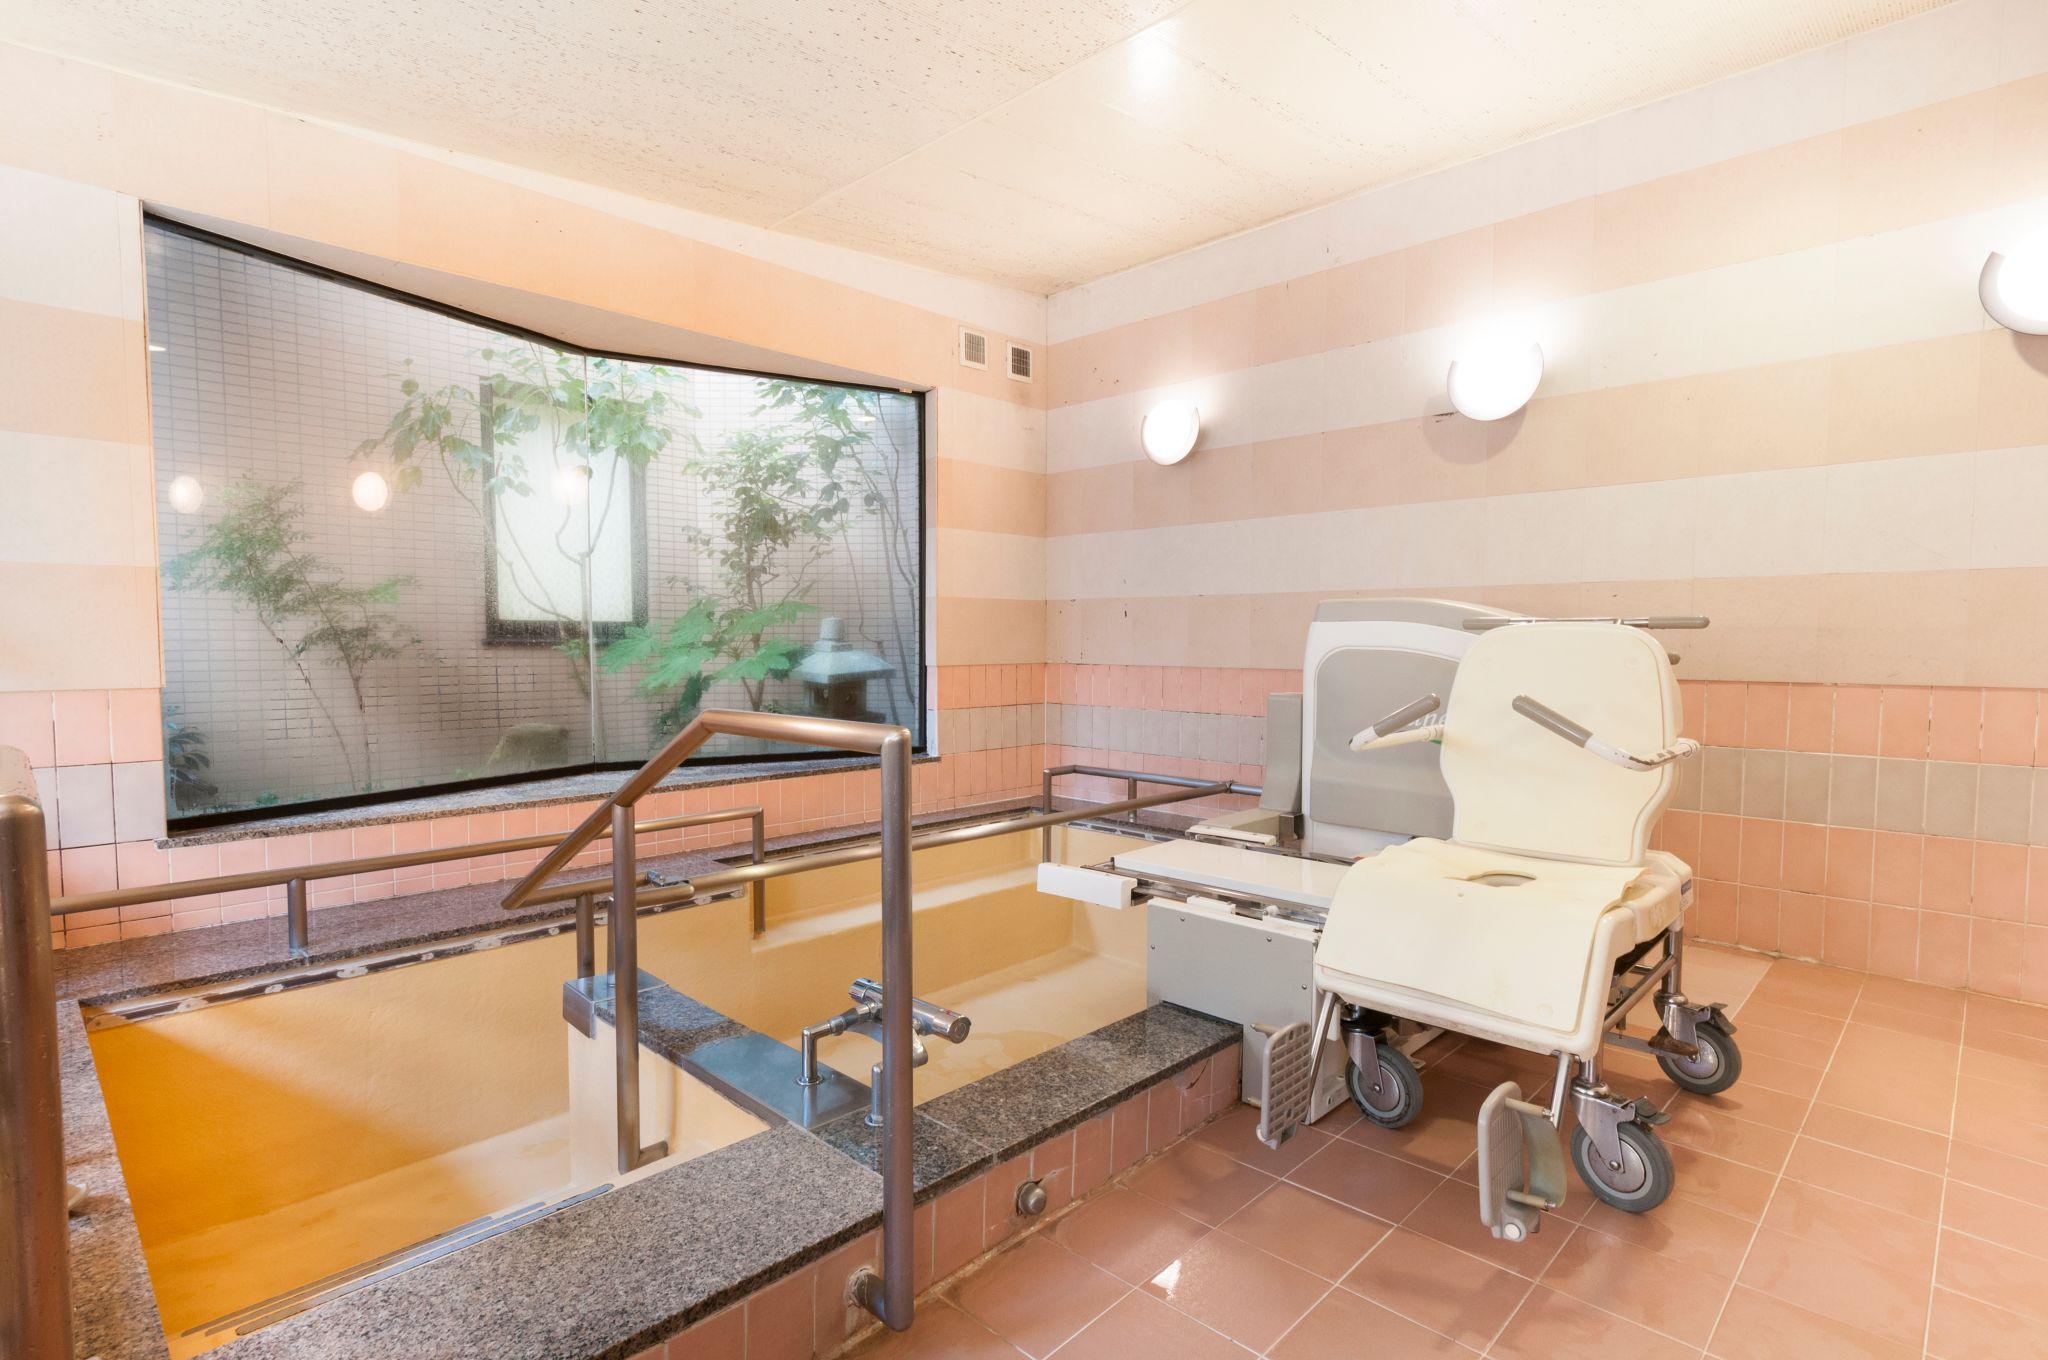 シルバーシティ石神井北館の入浴施設